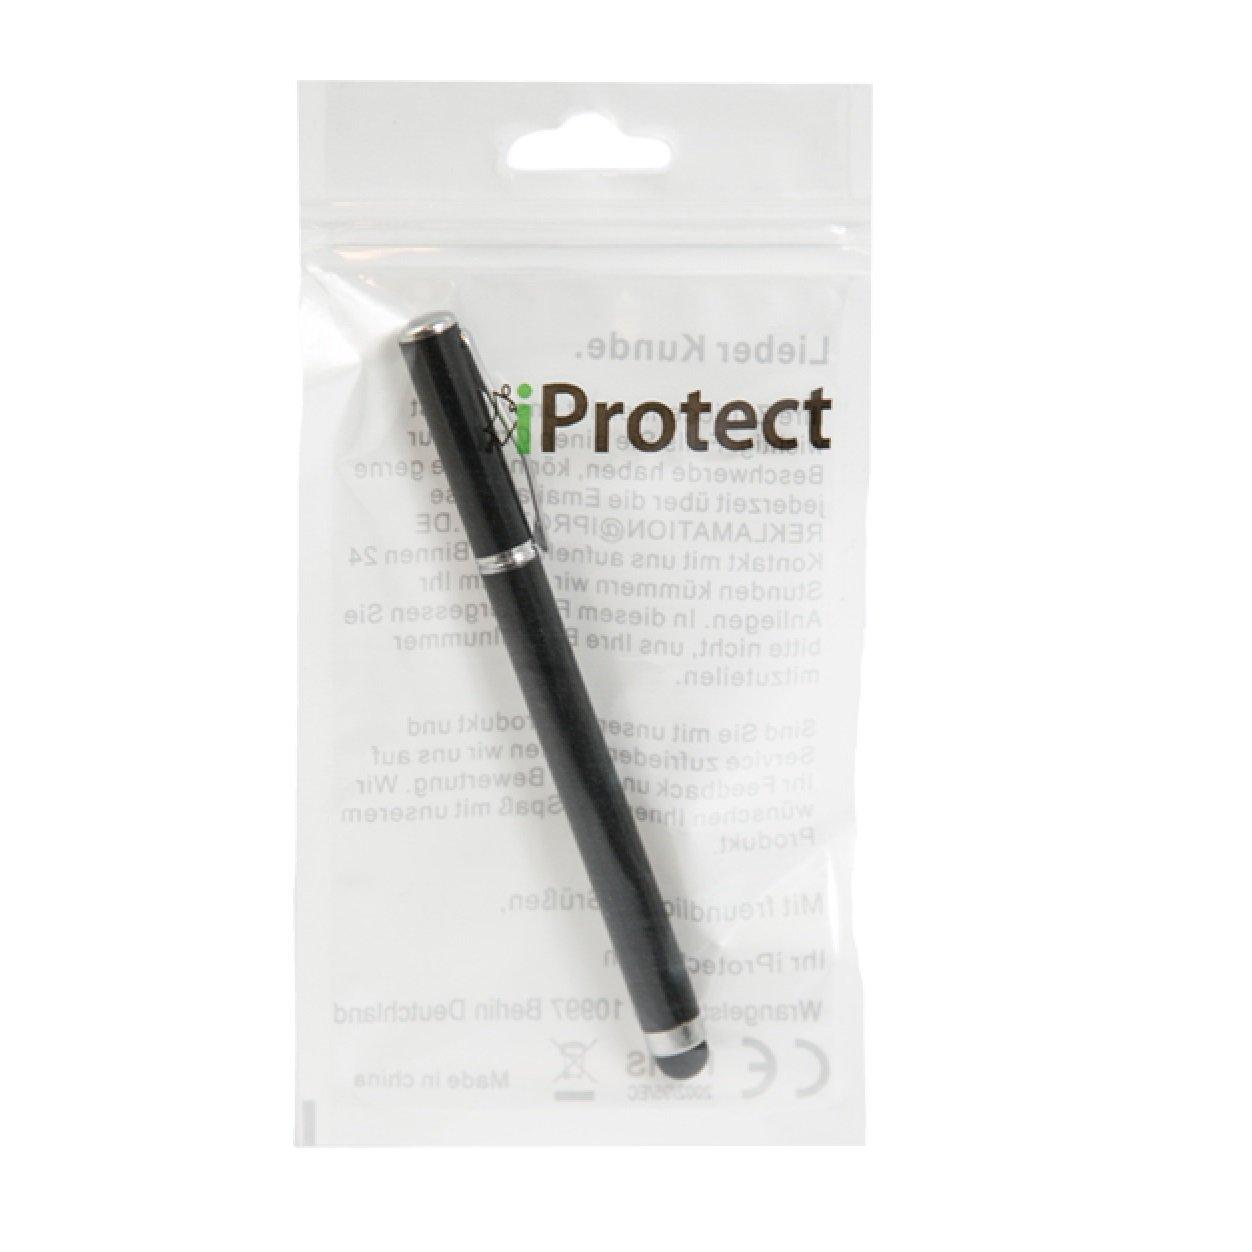 iprotect Kunstleder Tasche f/ür MEDION LIFETAB Schutz H/ülle Case mit Stylus Pen f/ür S10346 MD 98992 und S10366 MD 99781 10,1 Zoll wei/ß